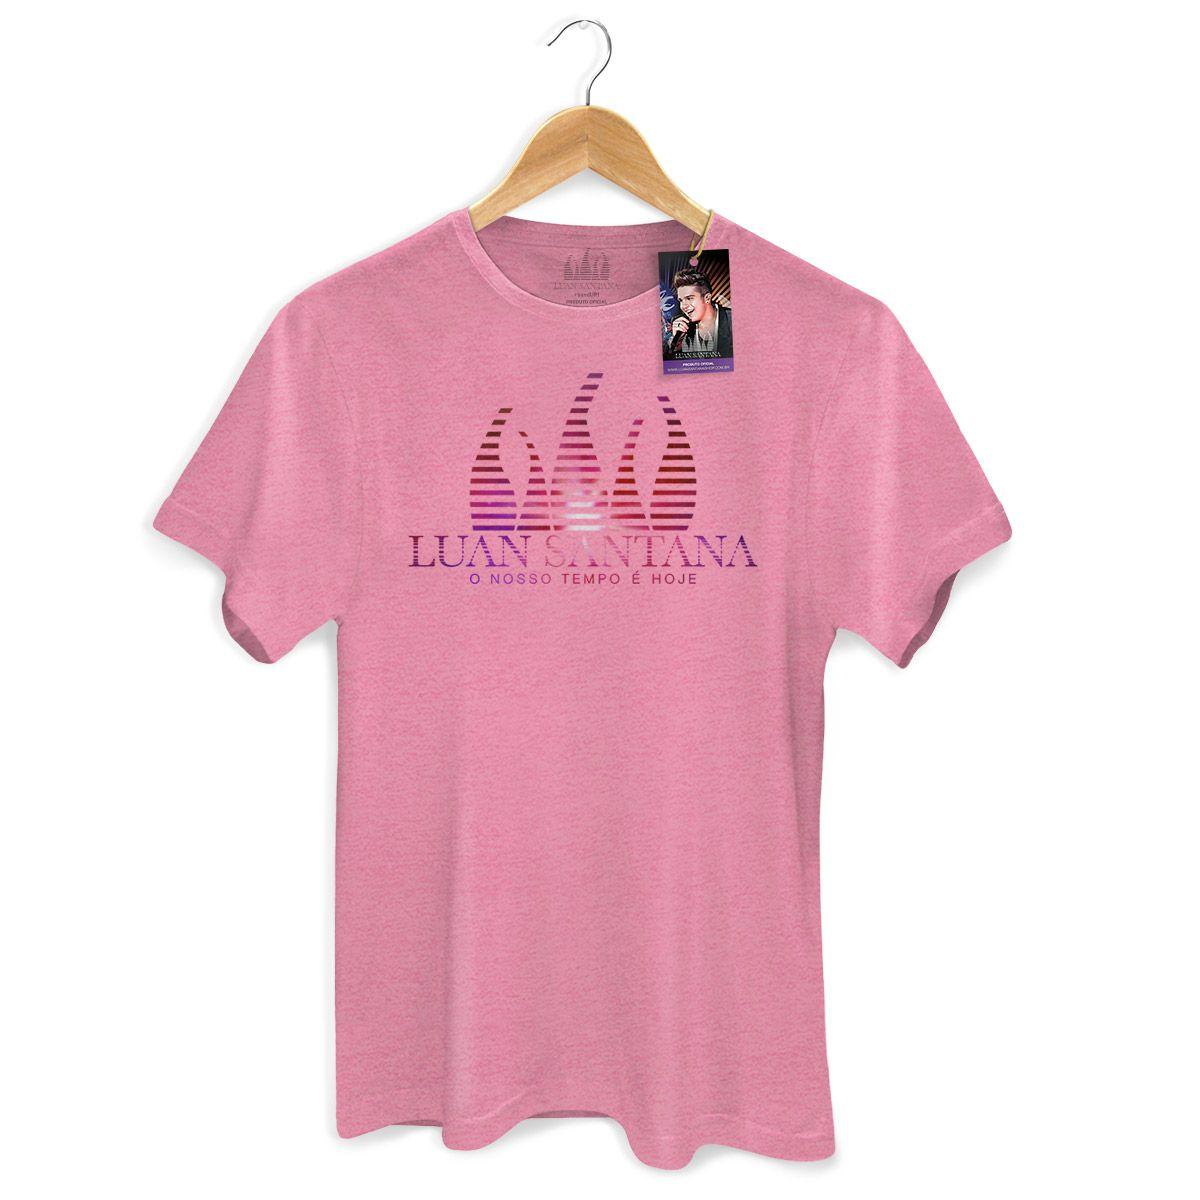 Camiseta Masculina Luan Santana - O Nosso Tempo é Hoje Logo Modelo 2